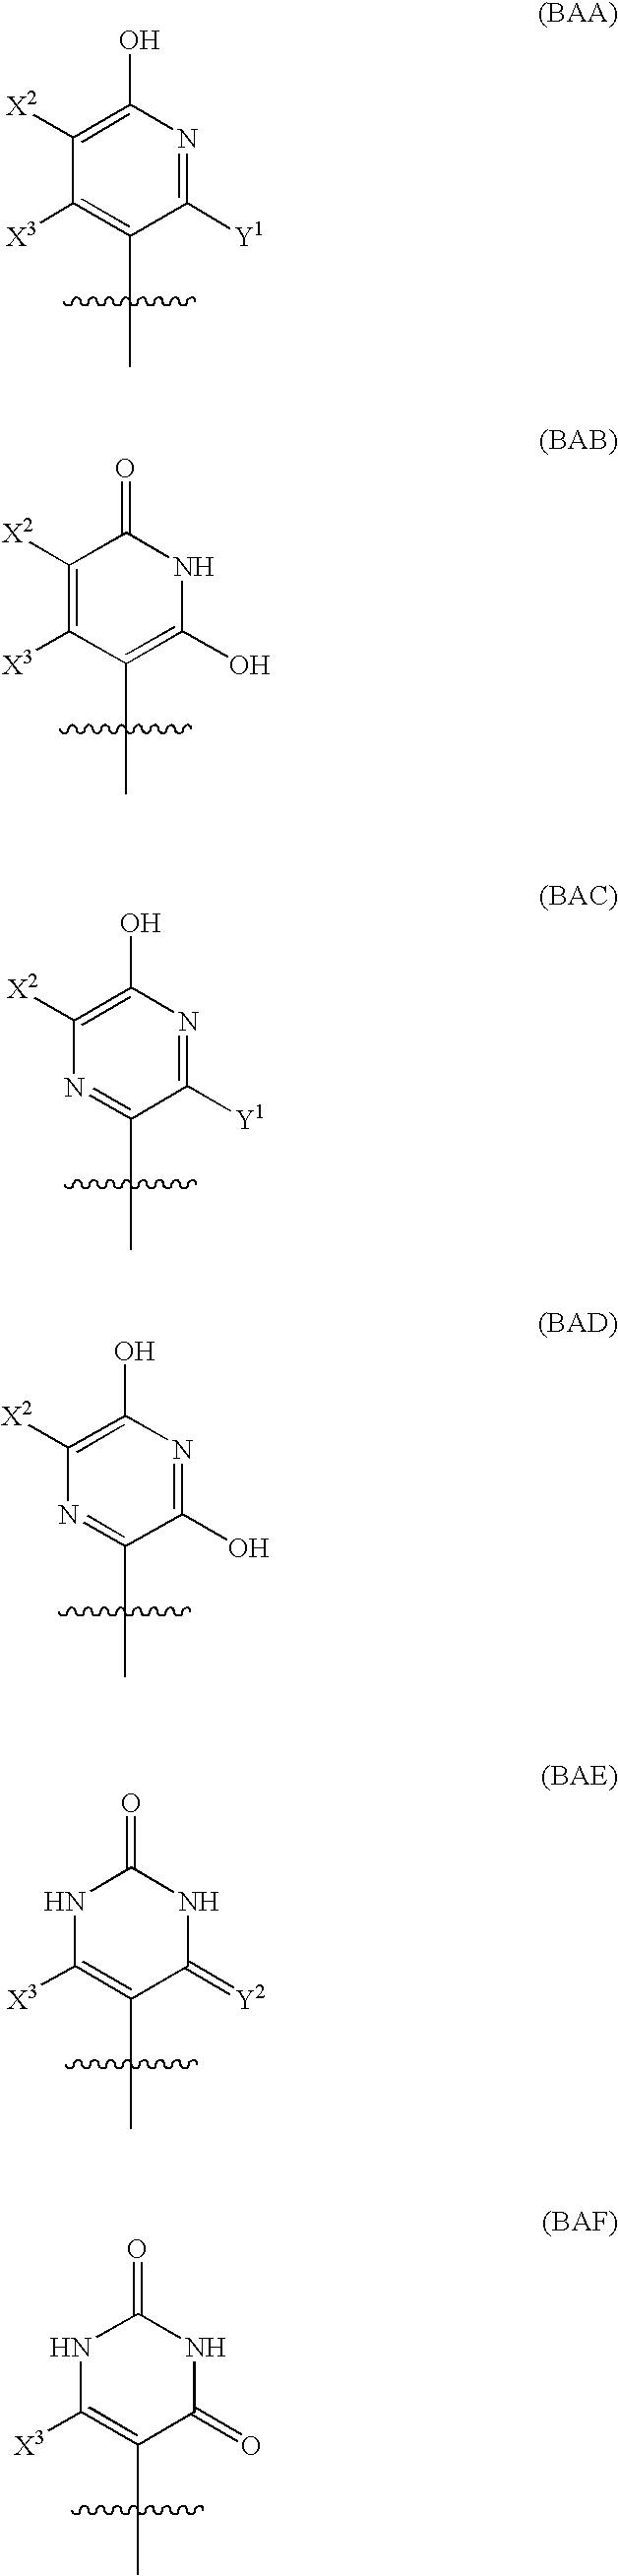 Figure US07608600-20091027-C00038